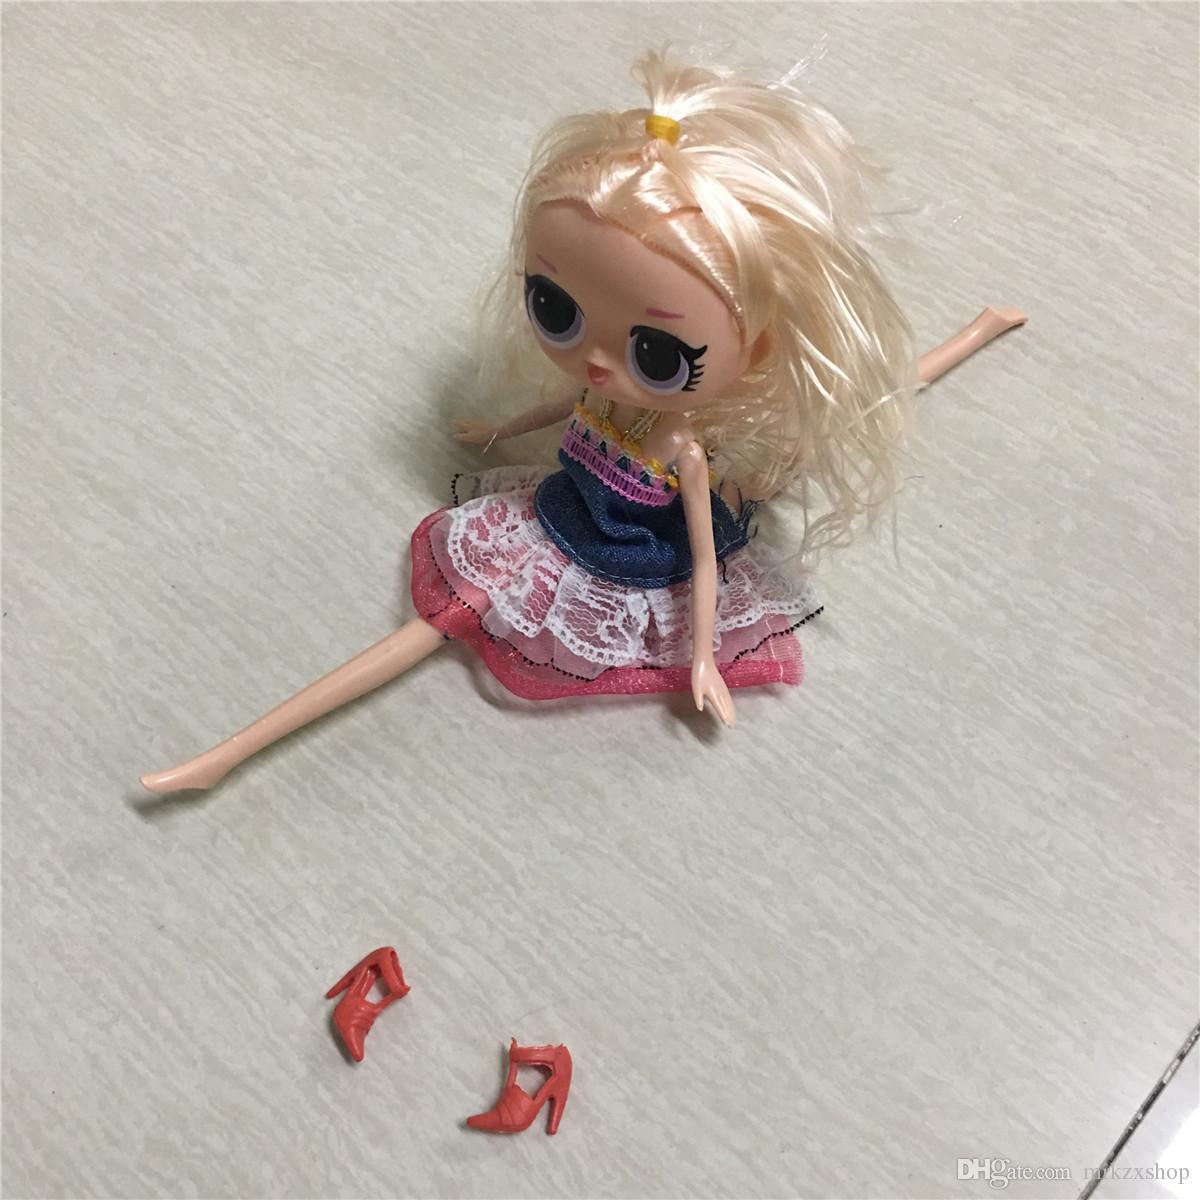 Nueva muñeca grande de 25 cm. Figuras de acción. Nueva muñeca de edición limitada. Las manos y los pies pueden moverse. Juguetes de niñas. Juguetes infantiles. Juguete. Regalo de navidad.